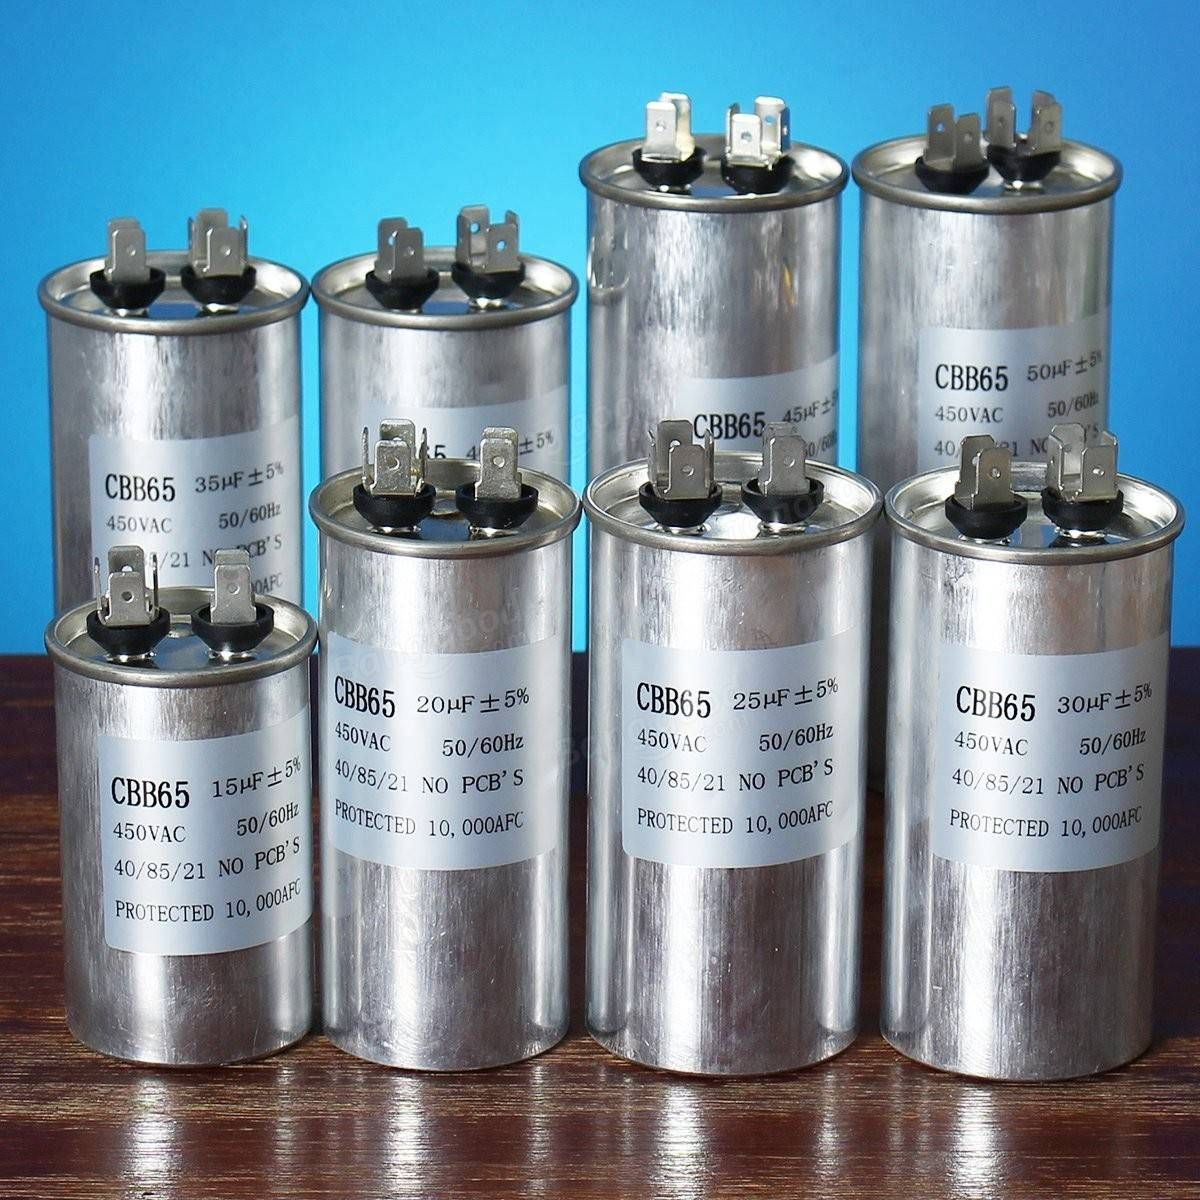 15 50uf Motor Capacitor Cbb65 450vac Air Conditioner Compressor Start Capacitor Electronic Accessories Supplies From Electronic Components Supplies On Bangg Vakum